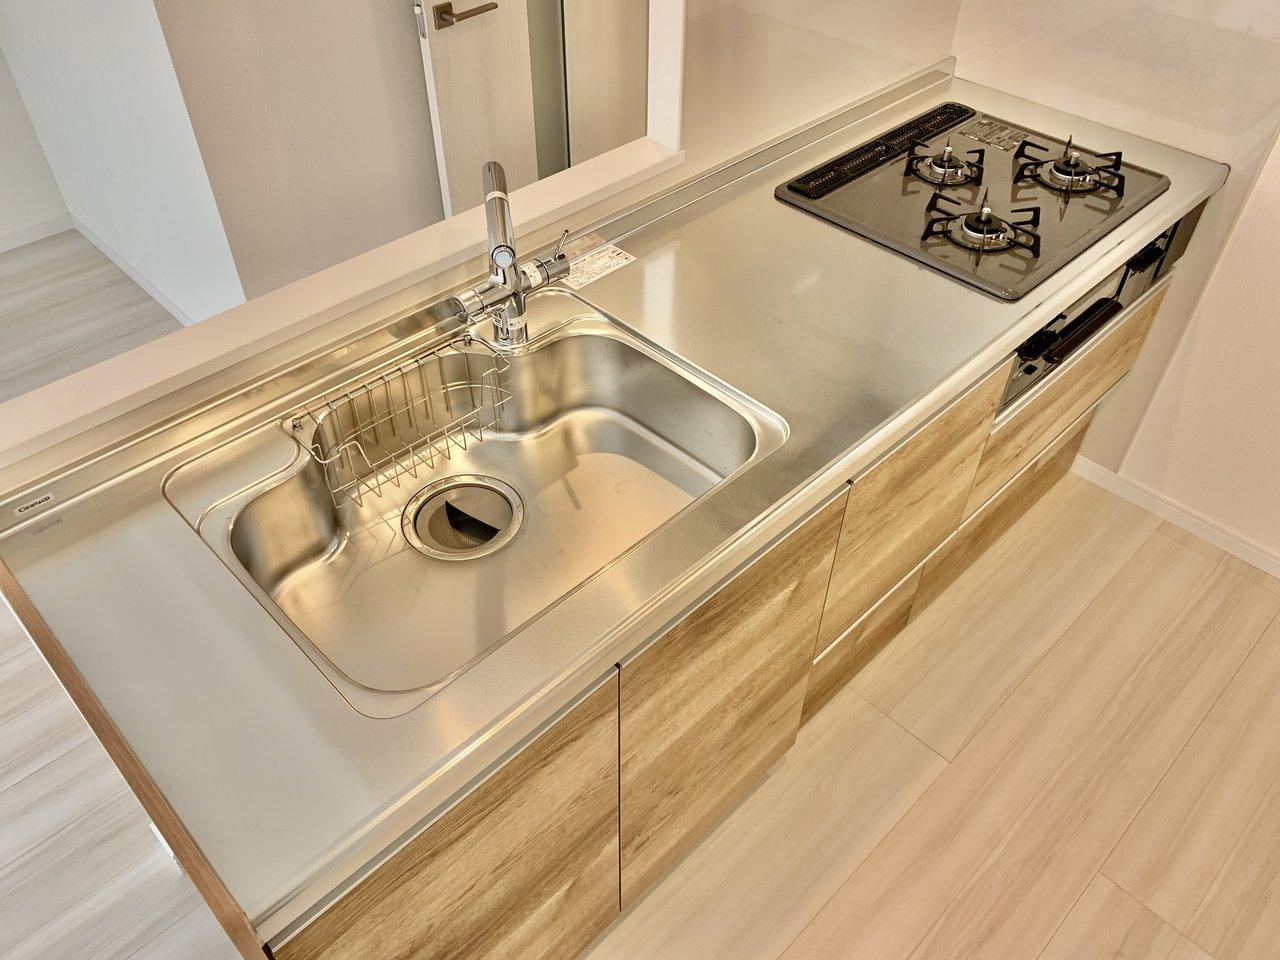 さらにうれしいのが、このキッチン。木目調のシステムキッチンは、部屋全体のデザインを損なわないため、おしゃれに暮らしたいママにはうれしいですね。もちろん、3口コンロの広々シンク付きです!